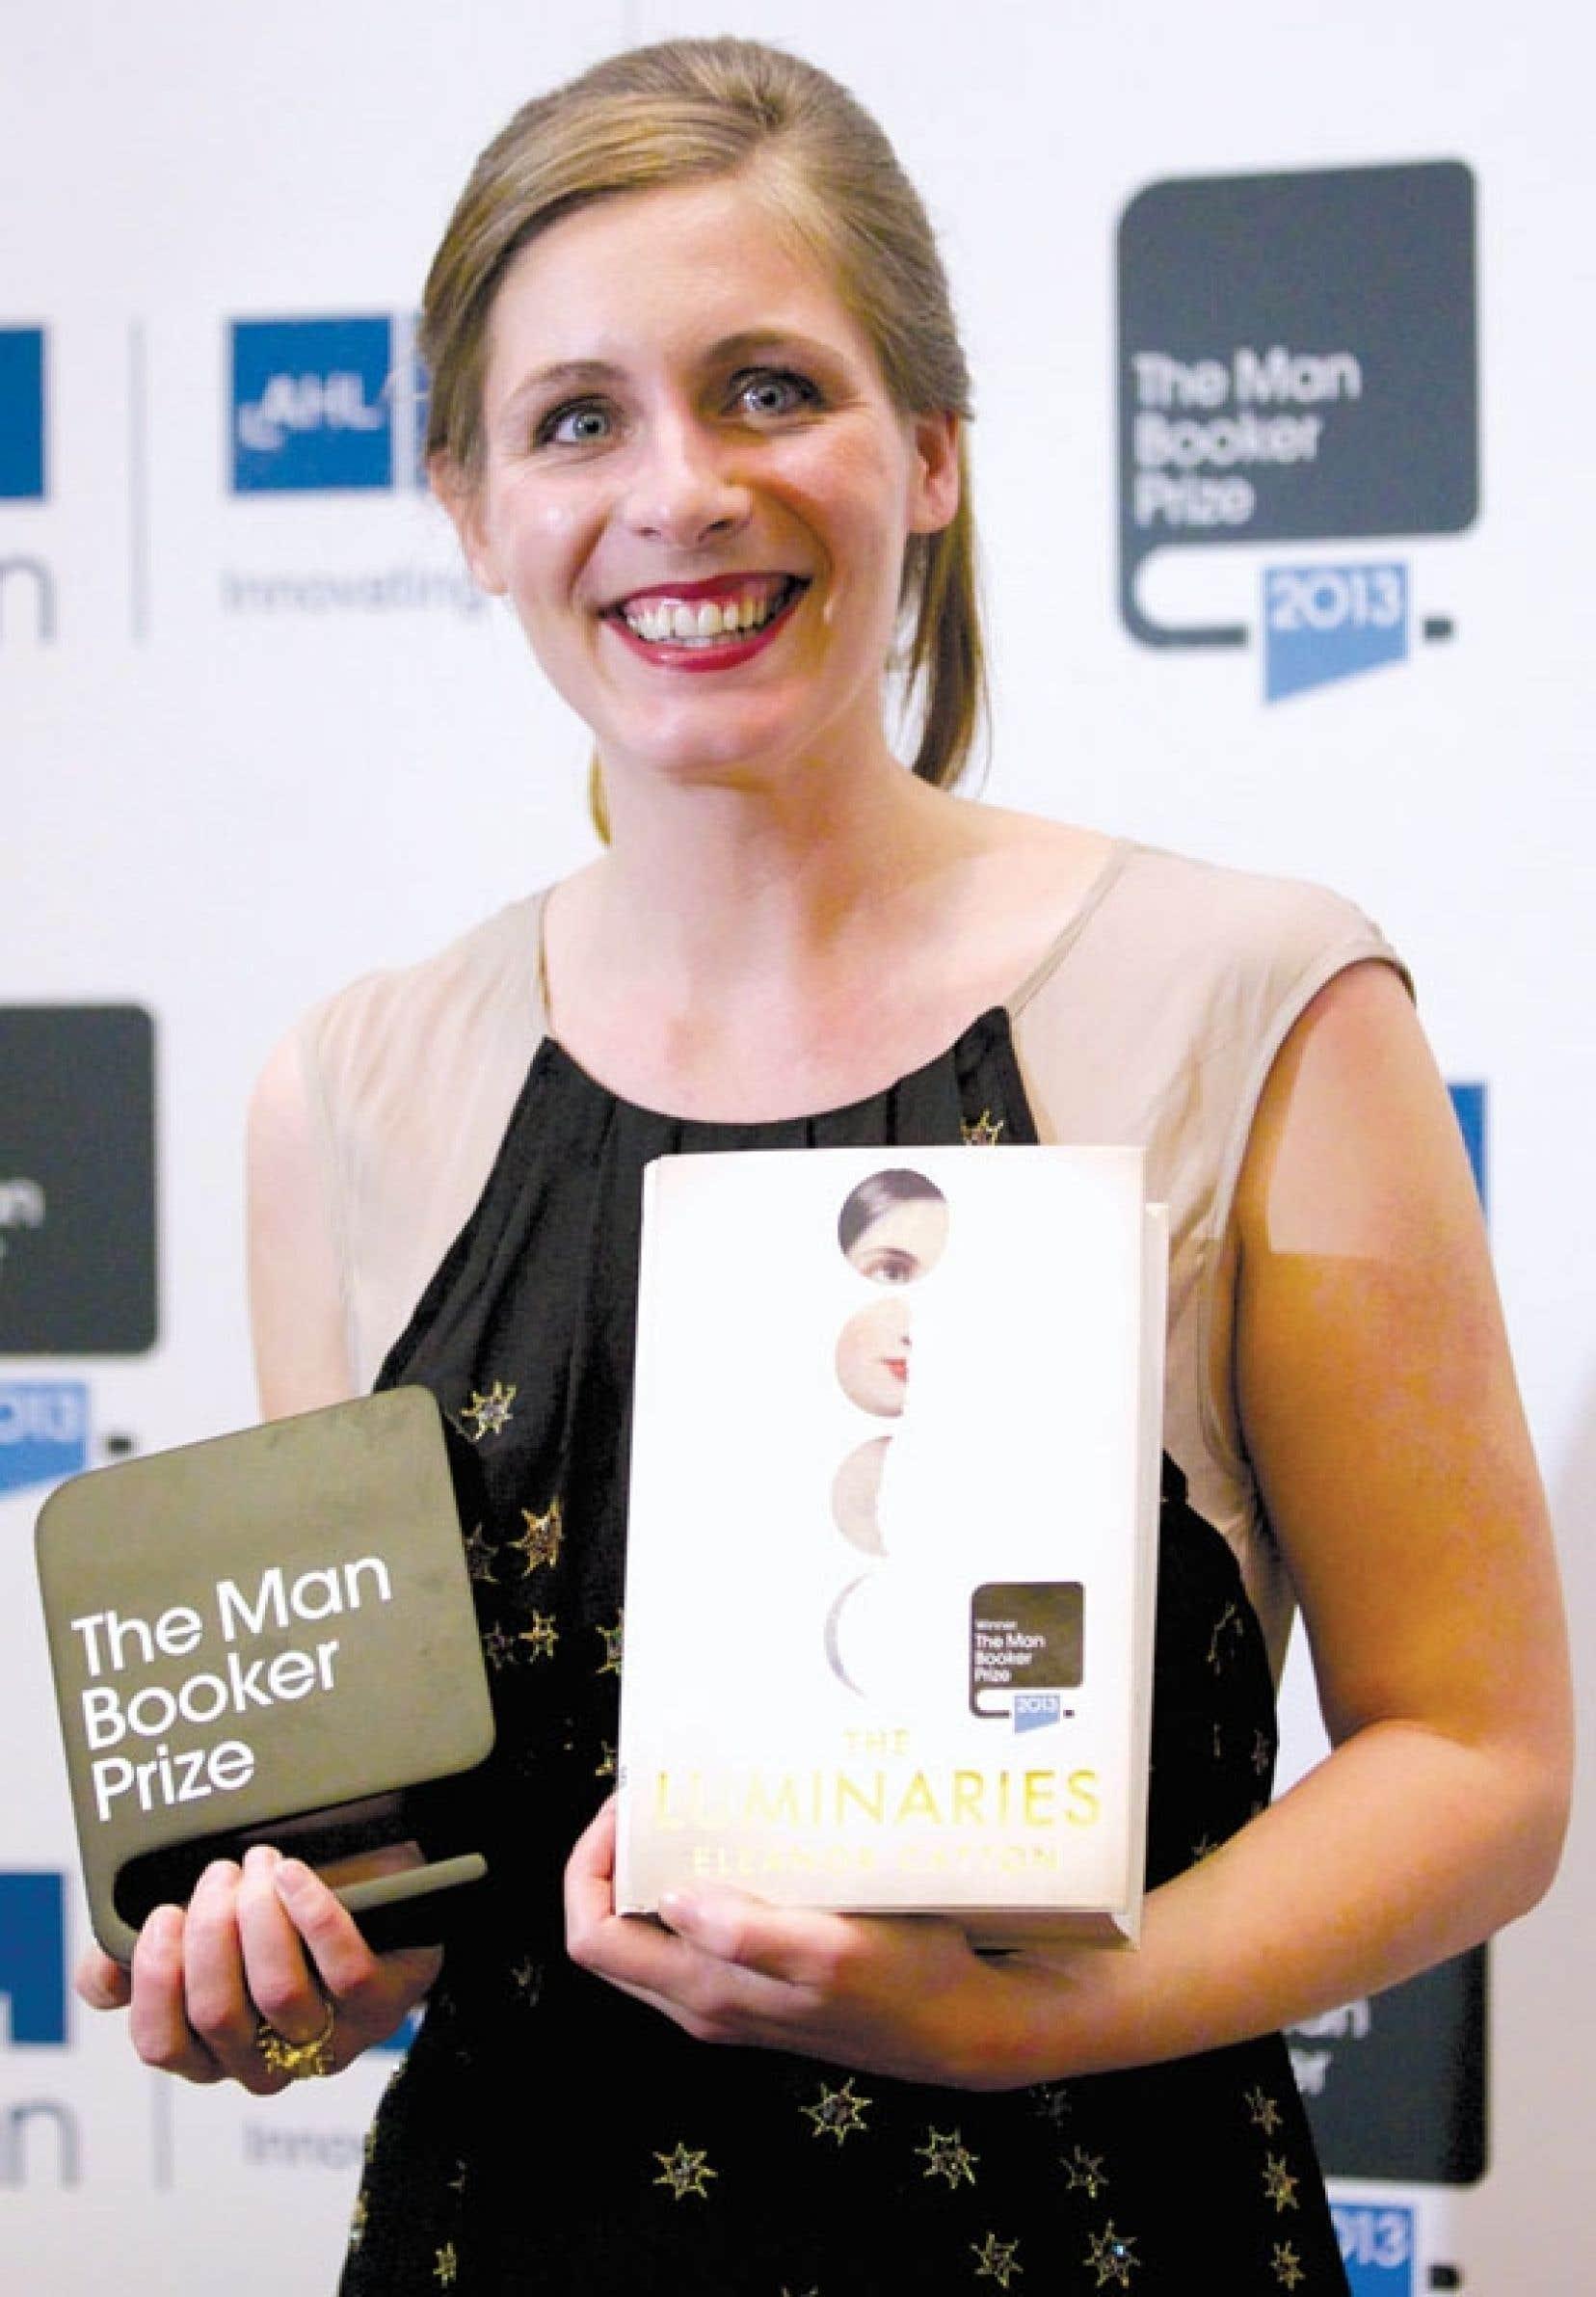 Âgée de tout juste 28 ans, Eleanor Catton devient la plus jeune lauréate de l'un des prix littéraires les plus prestigieux au monde.